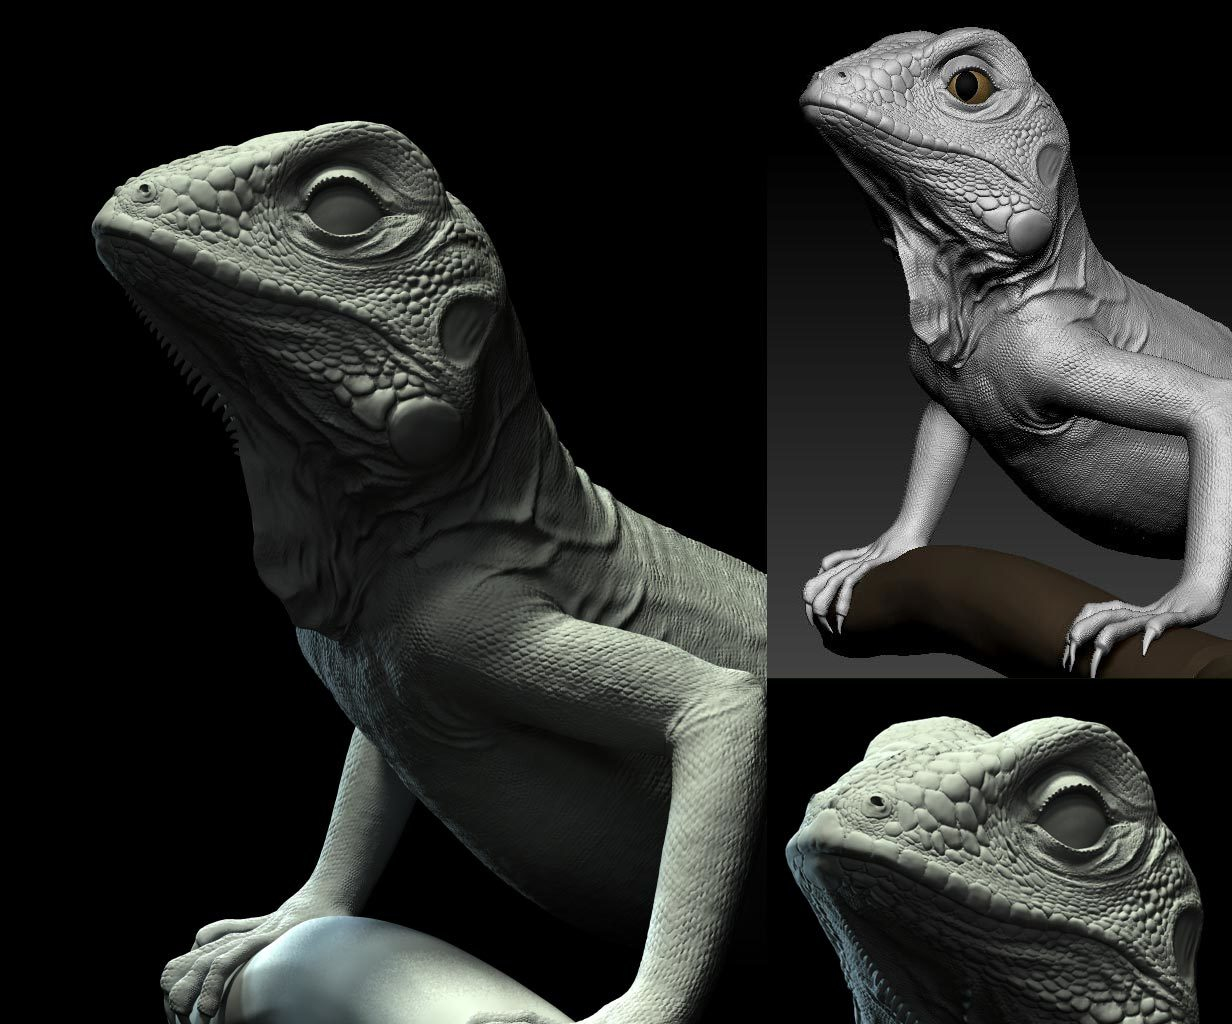 Lixiaodong green iguana dong808 1 385ab5d0 a04n